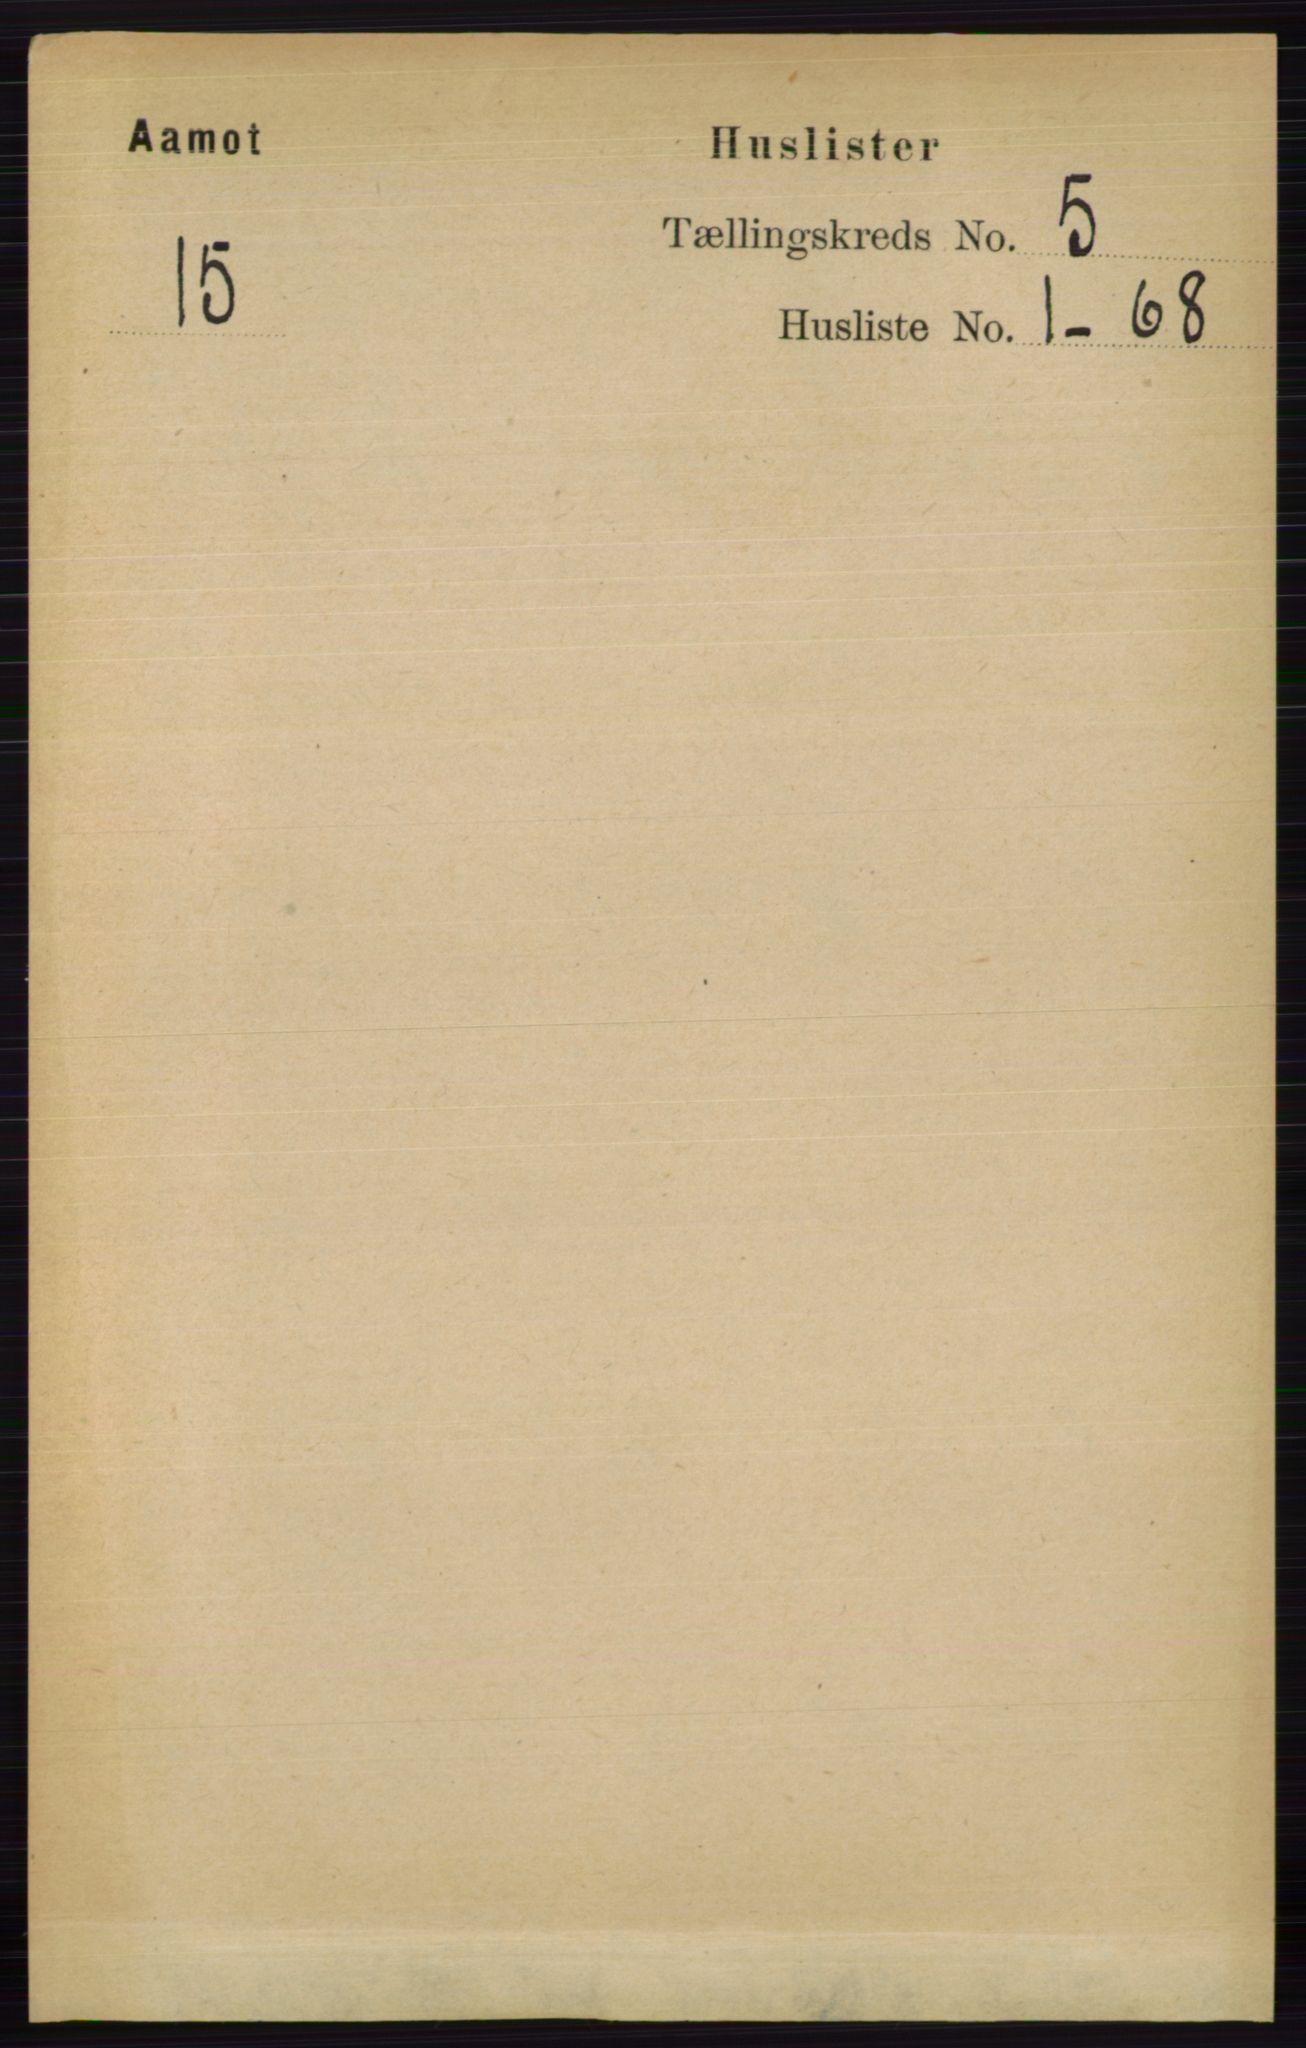 RA, Folketelling 1891 for 0429 Åmot herred, 1891, s. 2253